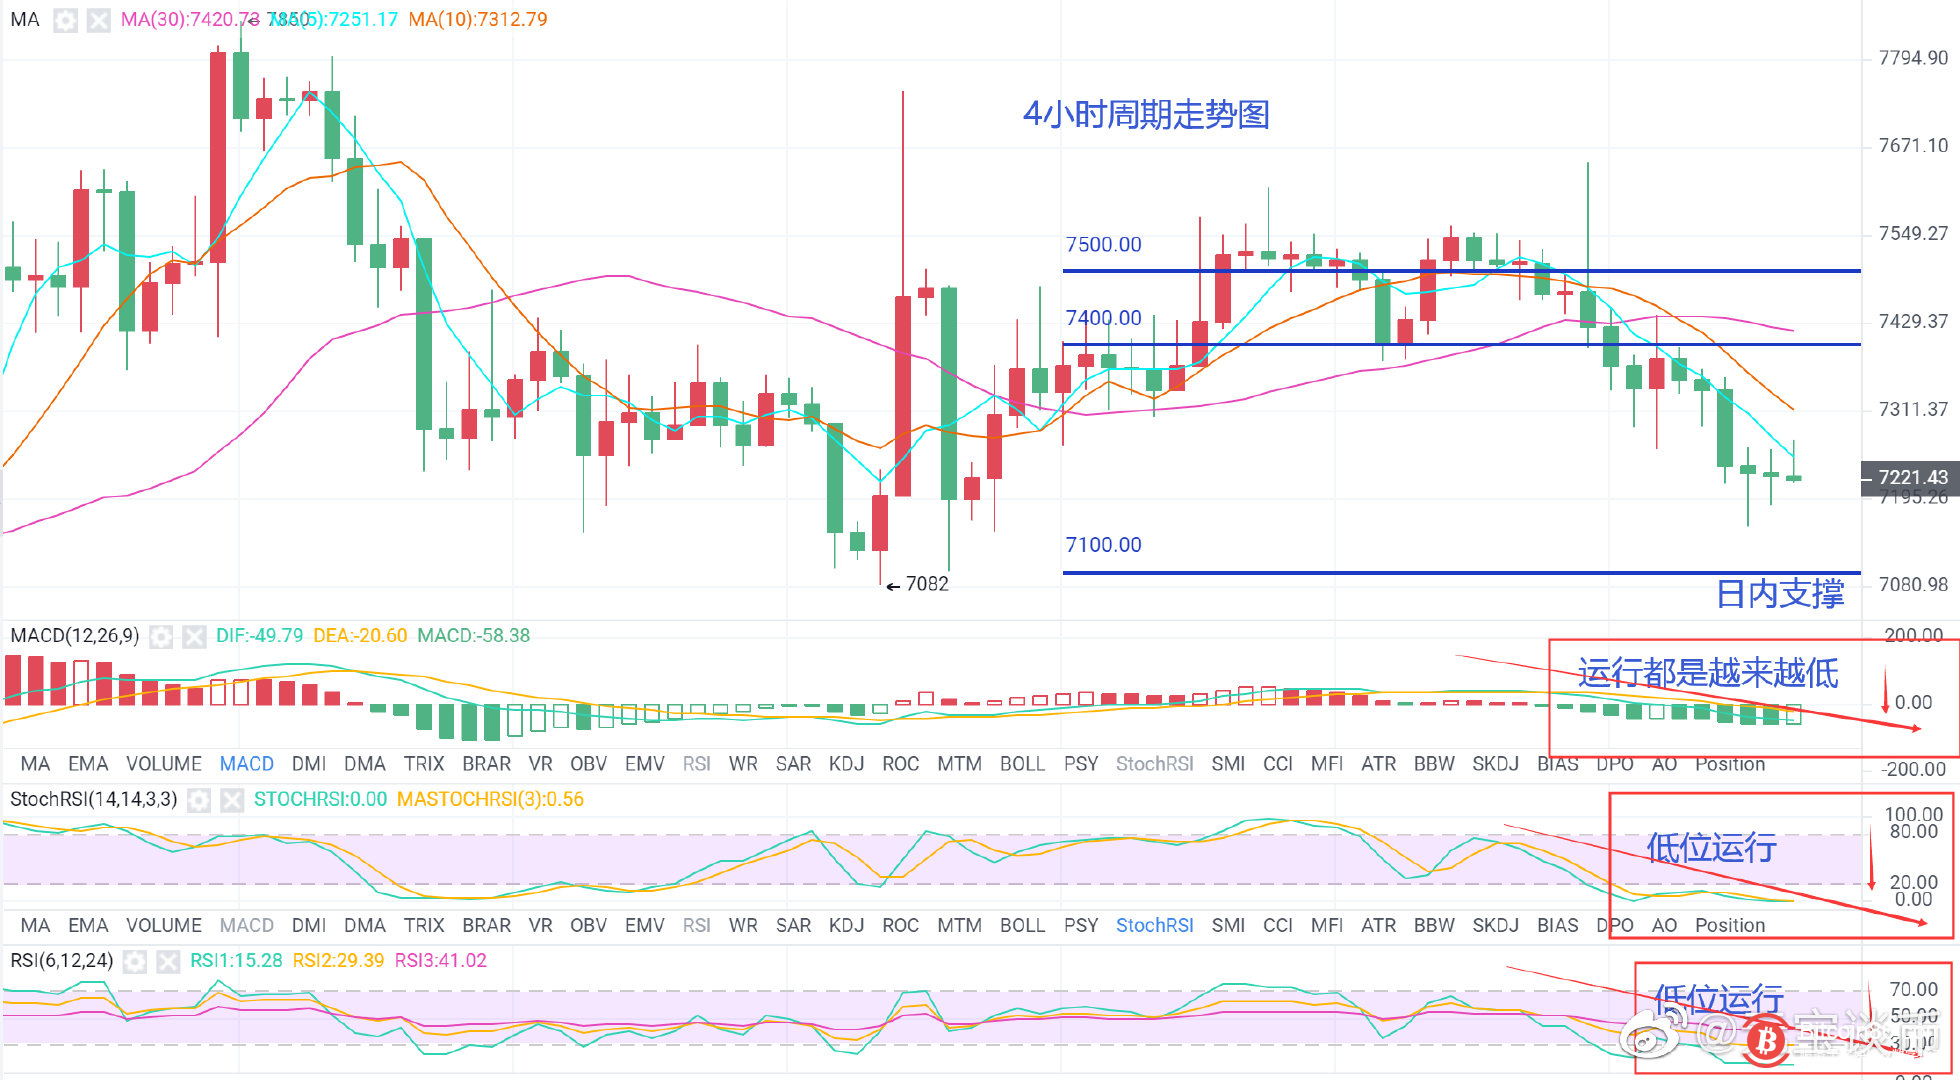 元宝谈币:12月11日关于数字货币的行情分析及策略!